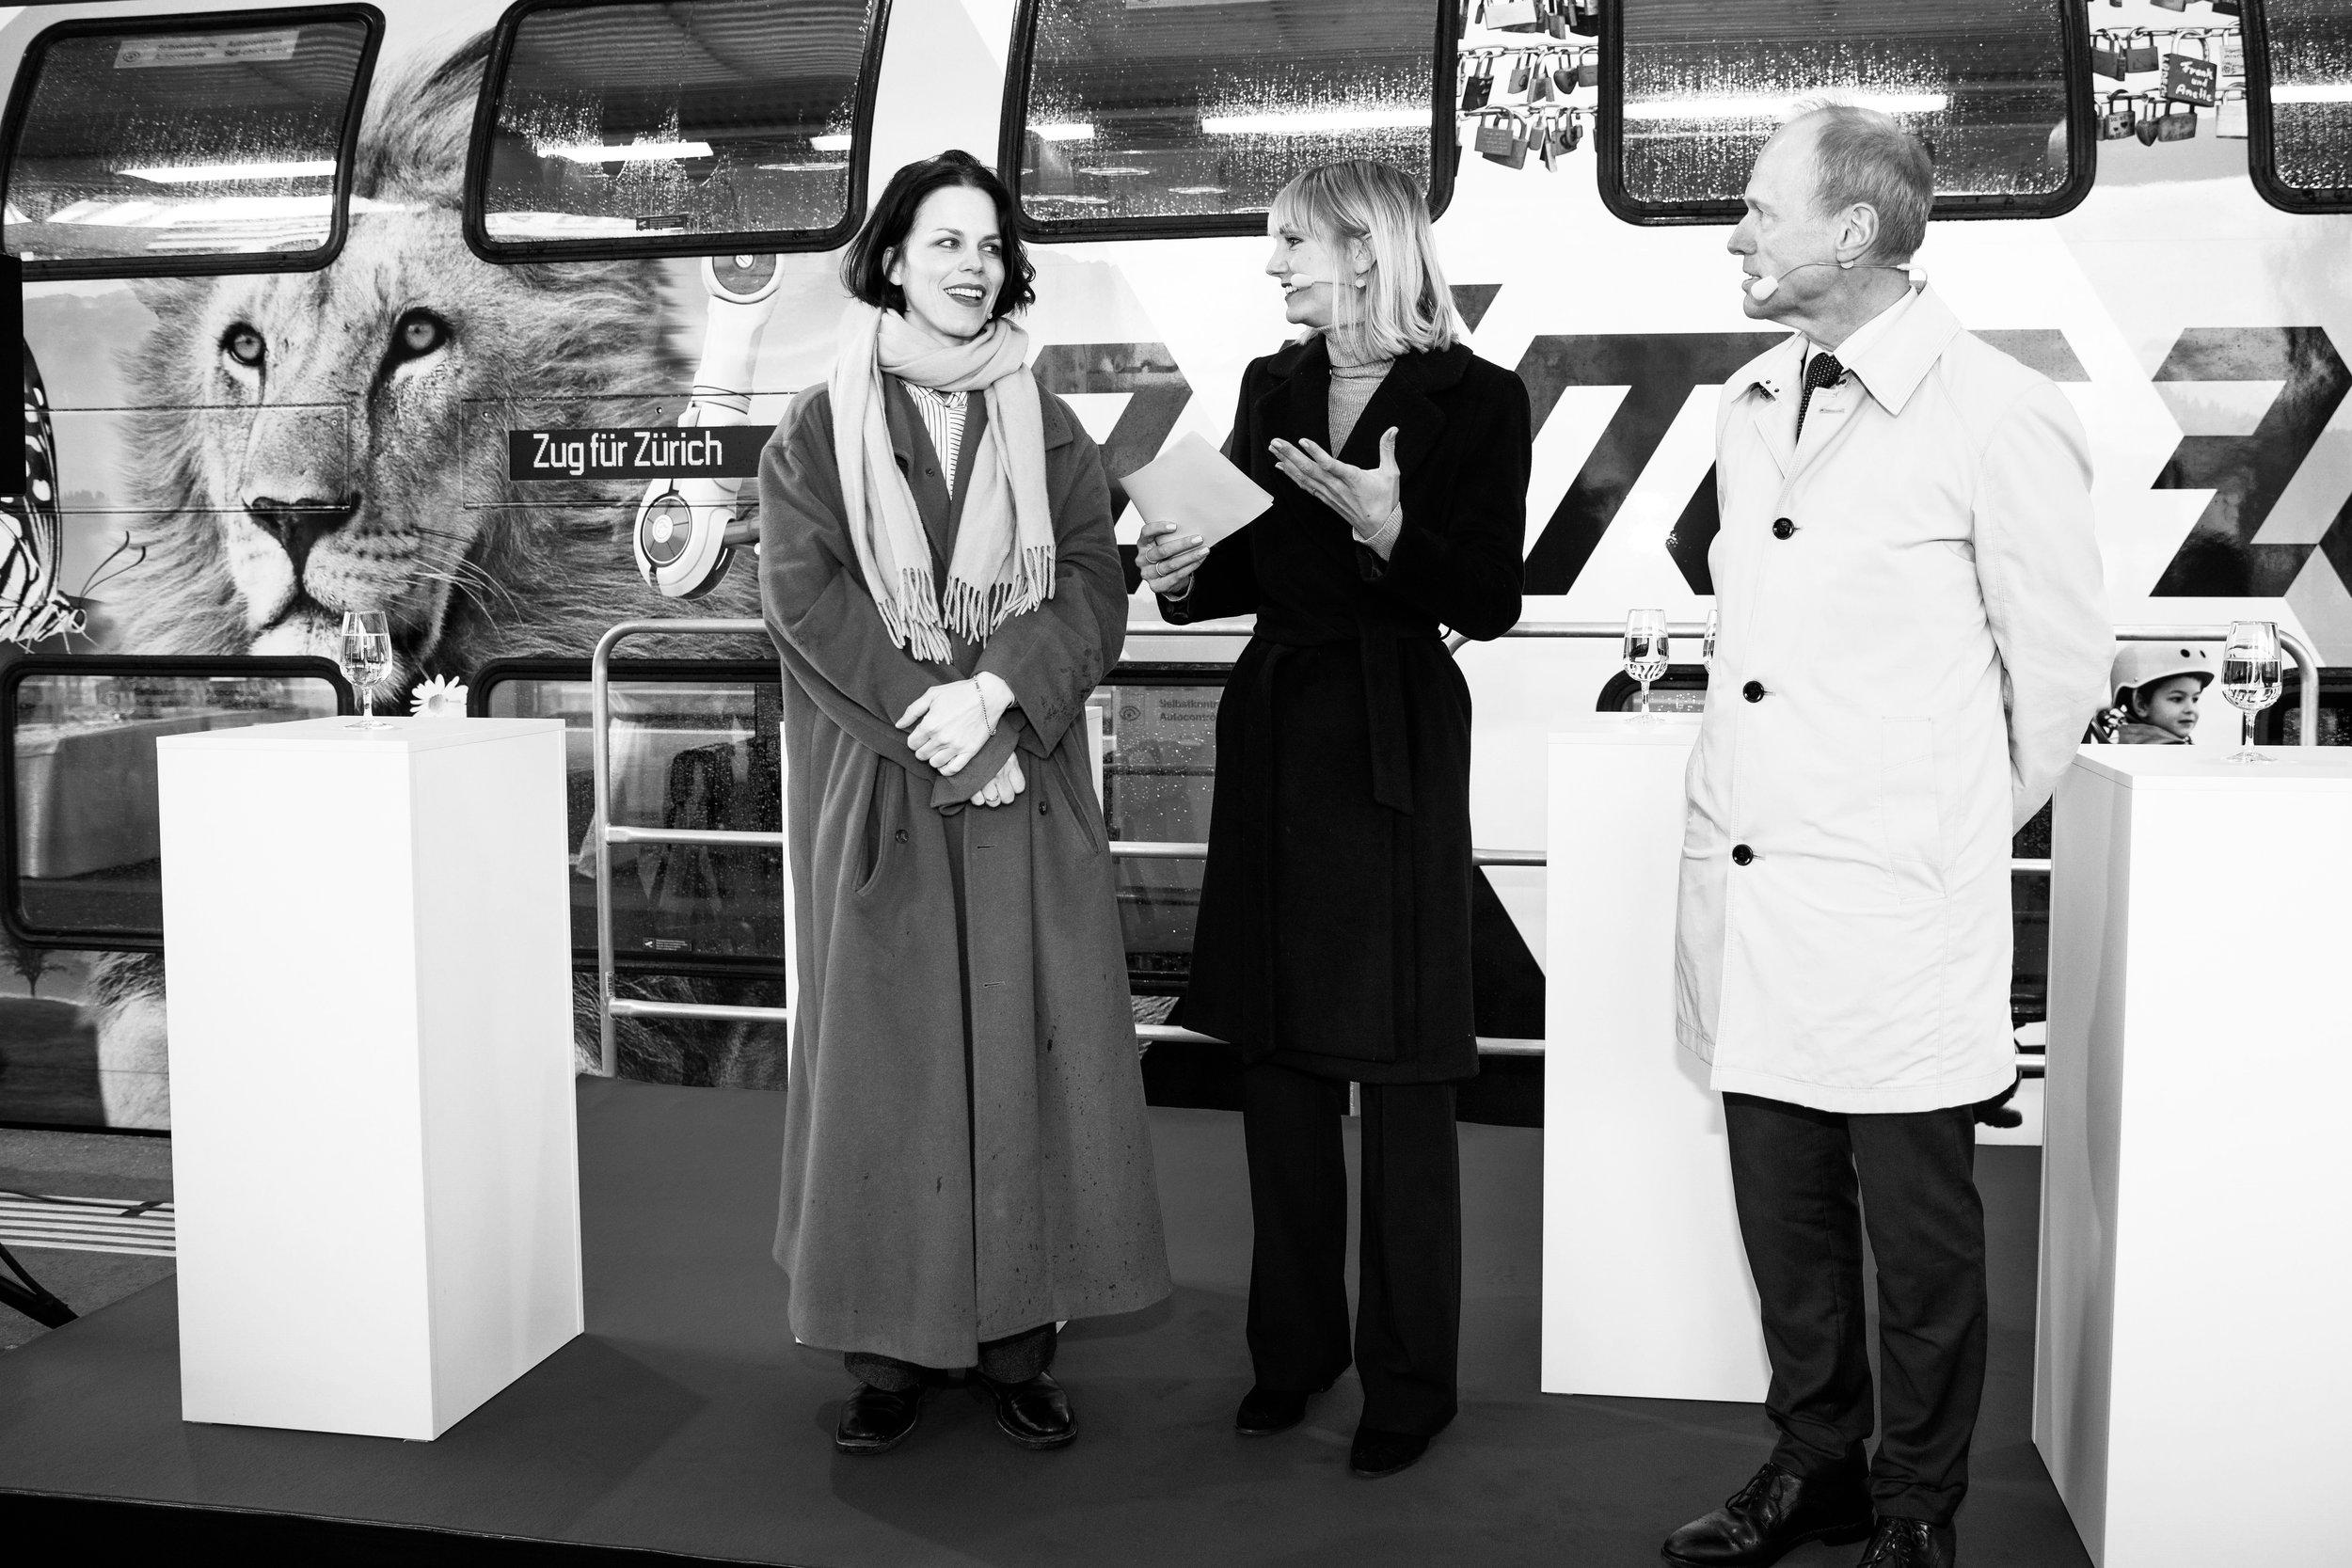 Zug für Zürich Nadine Geissbühler Linda Gwerder Jörg Müller auf Bühne Zürich HB.JPG